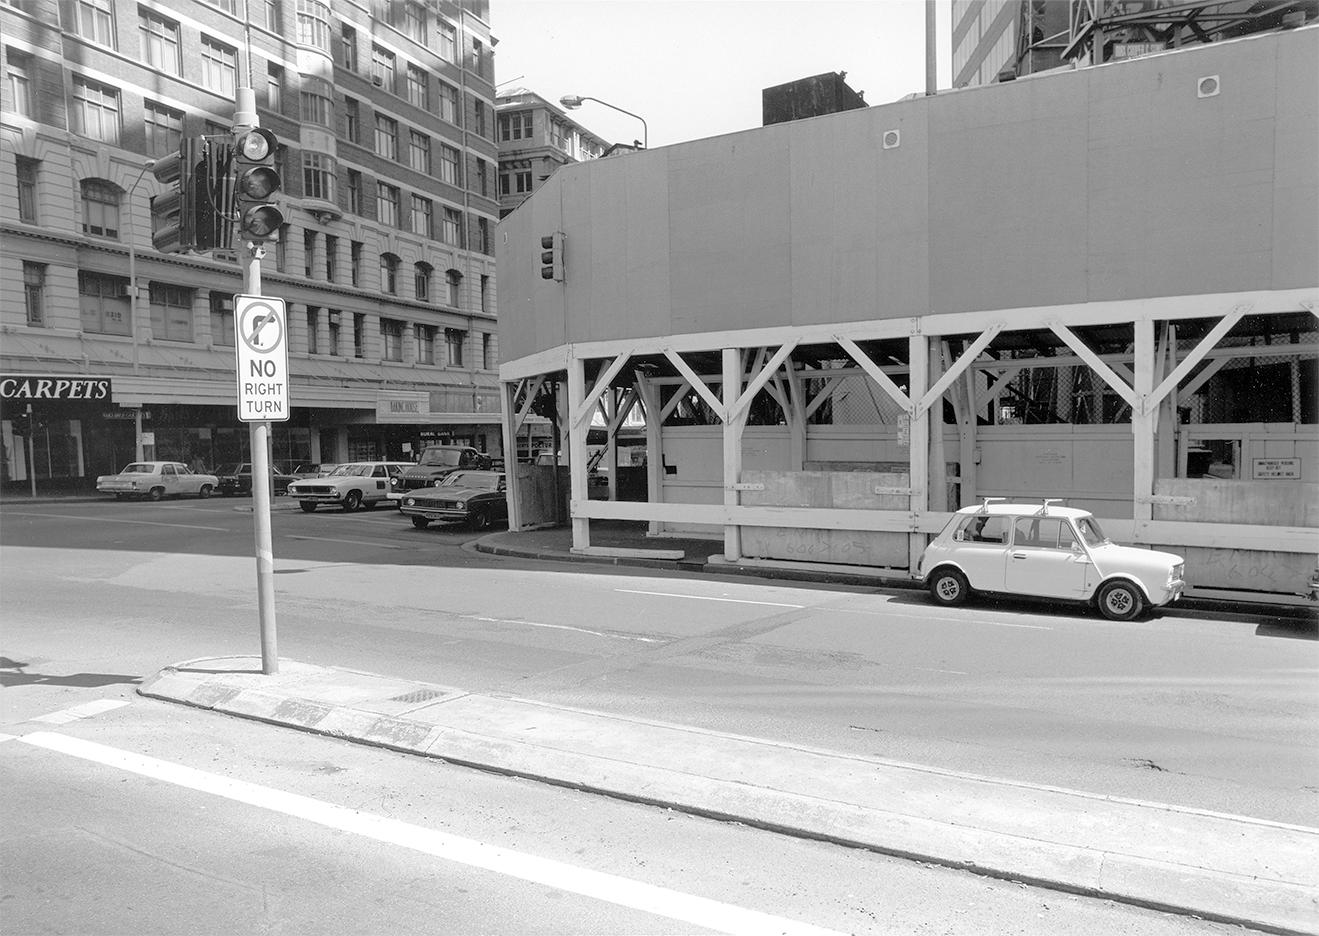 City-Spaces, Sydney #11